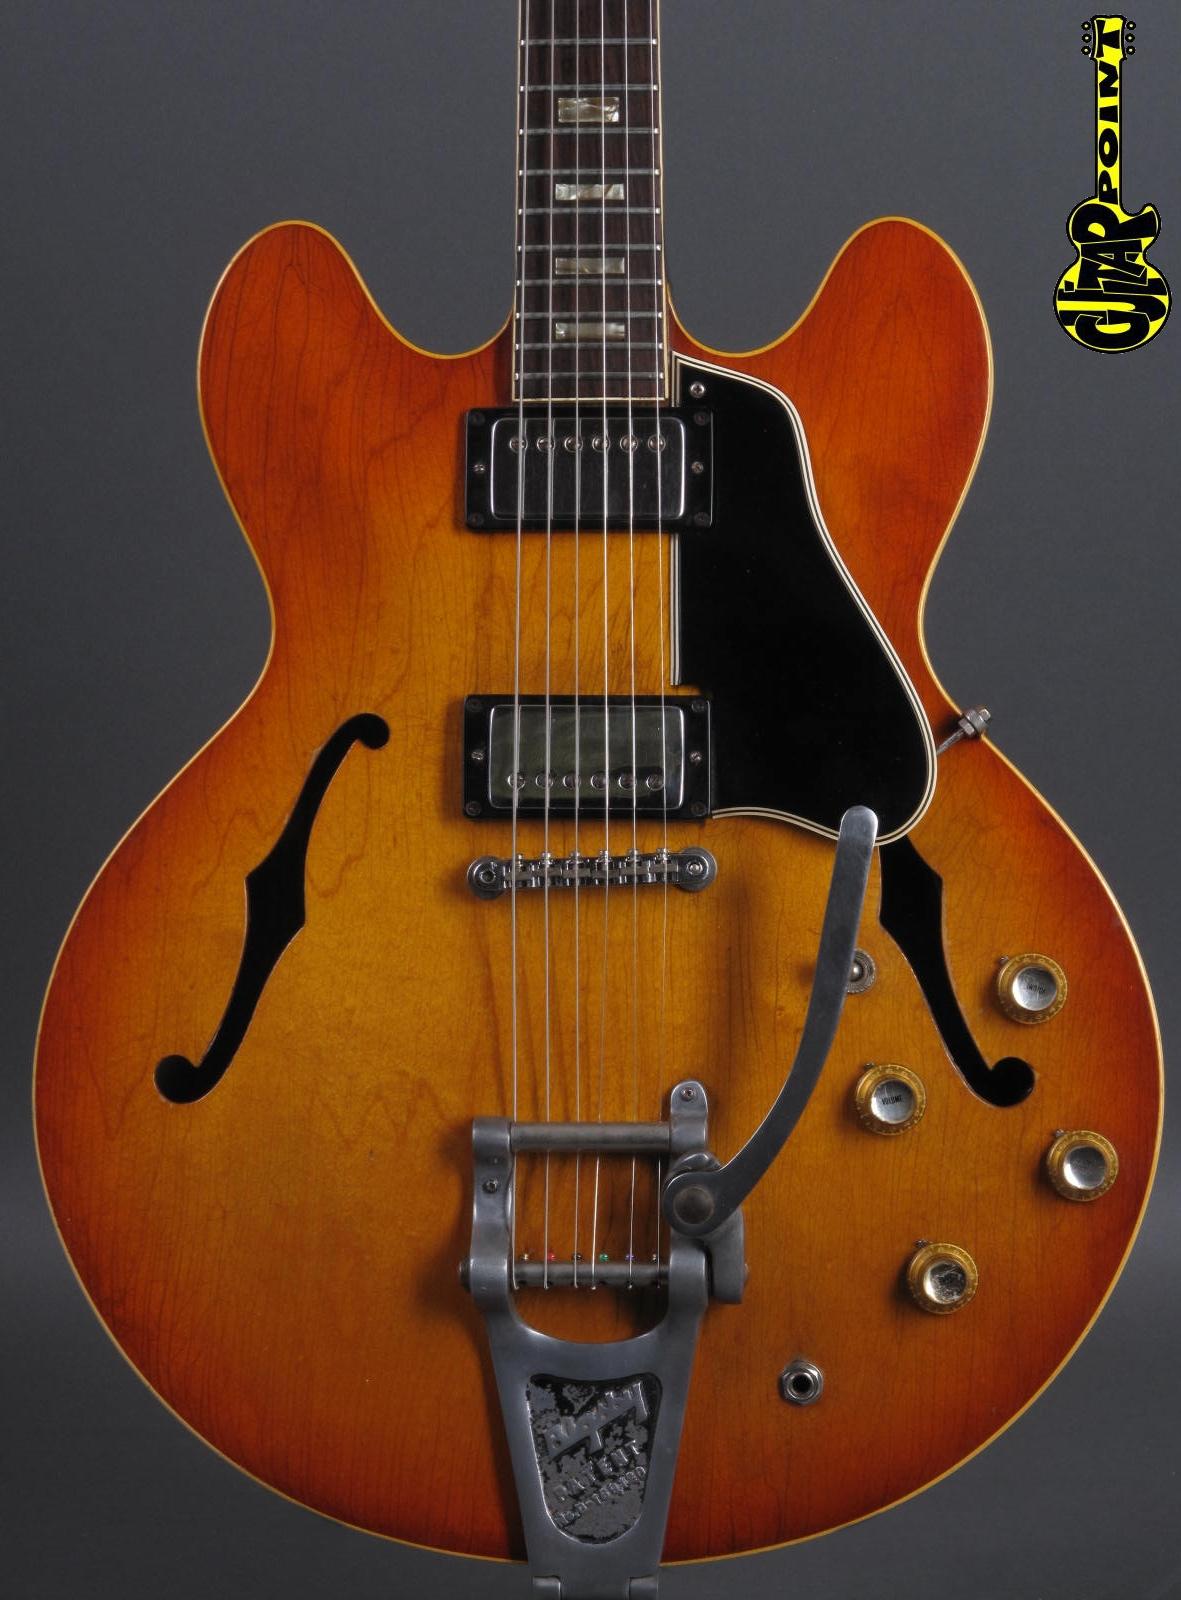 1965 Gibson ES-335 Icetea Sunburst / Bigsby